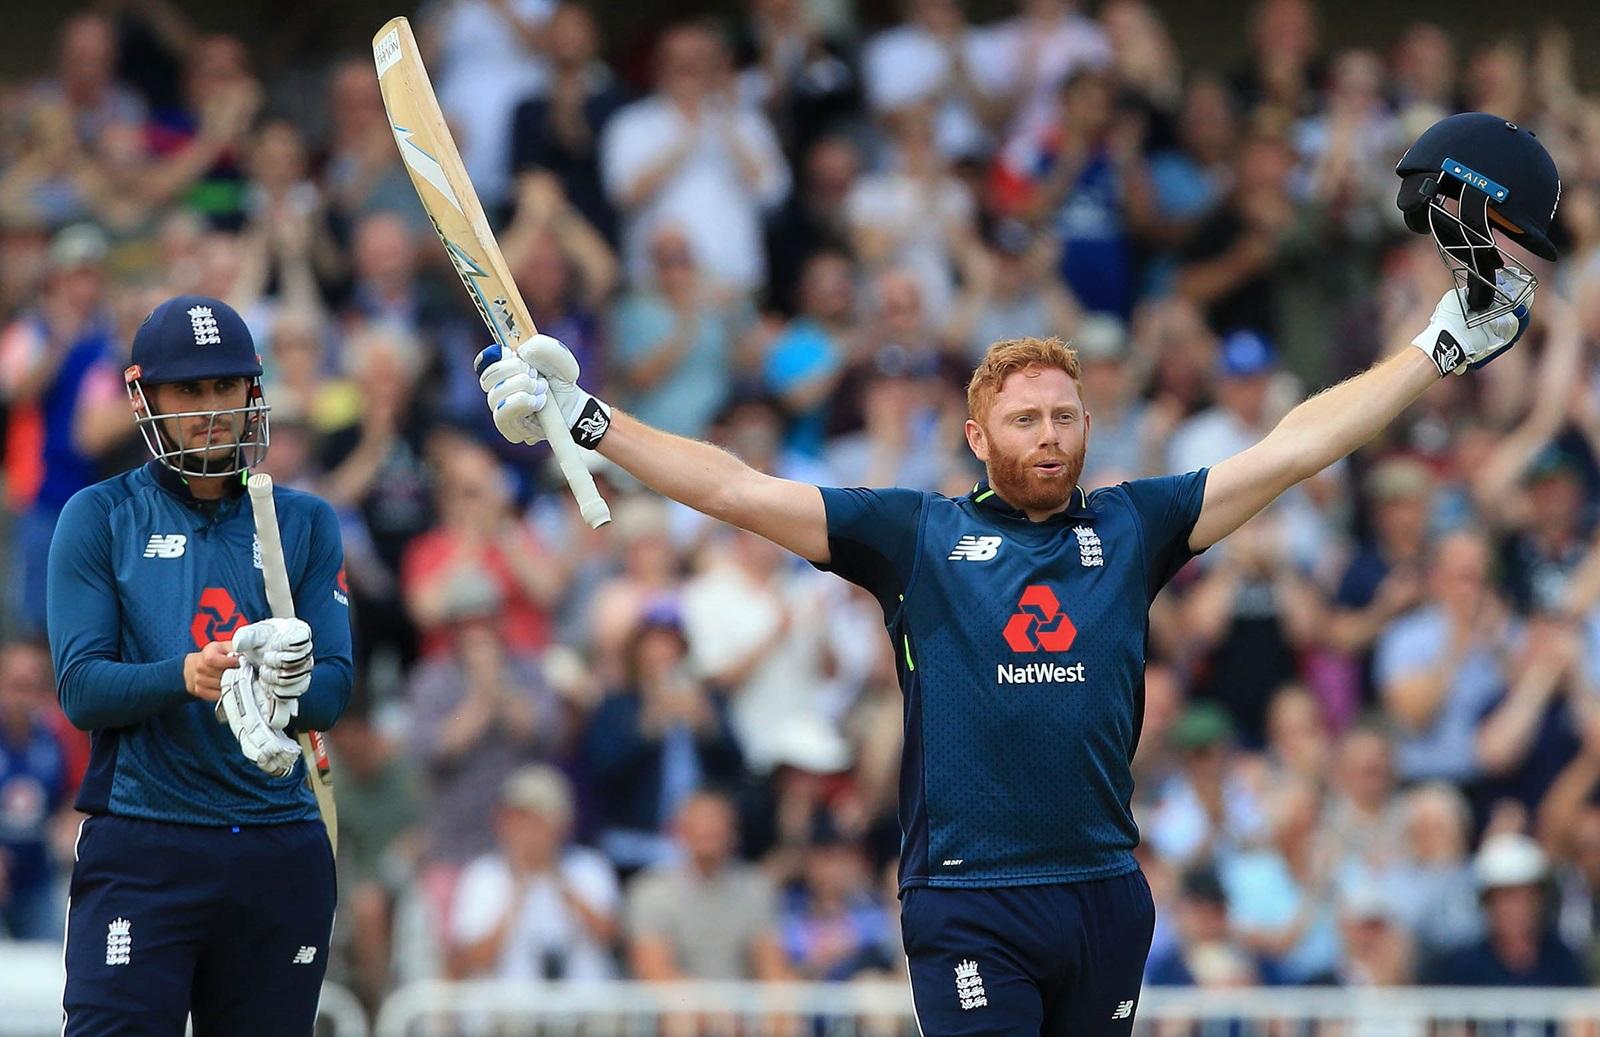 वनडे क्रिकेट इतिहास में सबसे ज्यादा बार 400 रन का आंकड़ा छूने वाली टॉप-3 टीमें 3